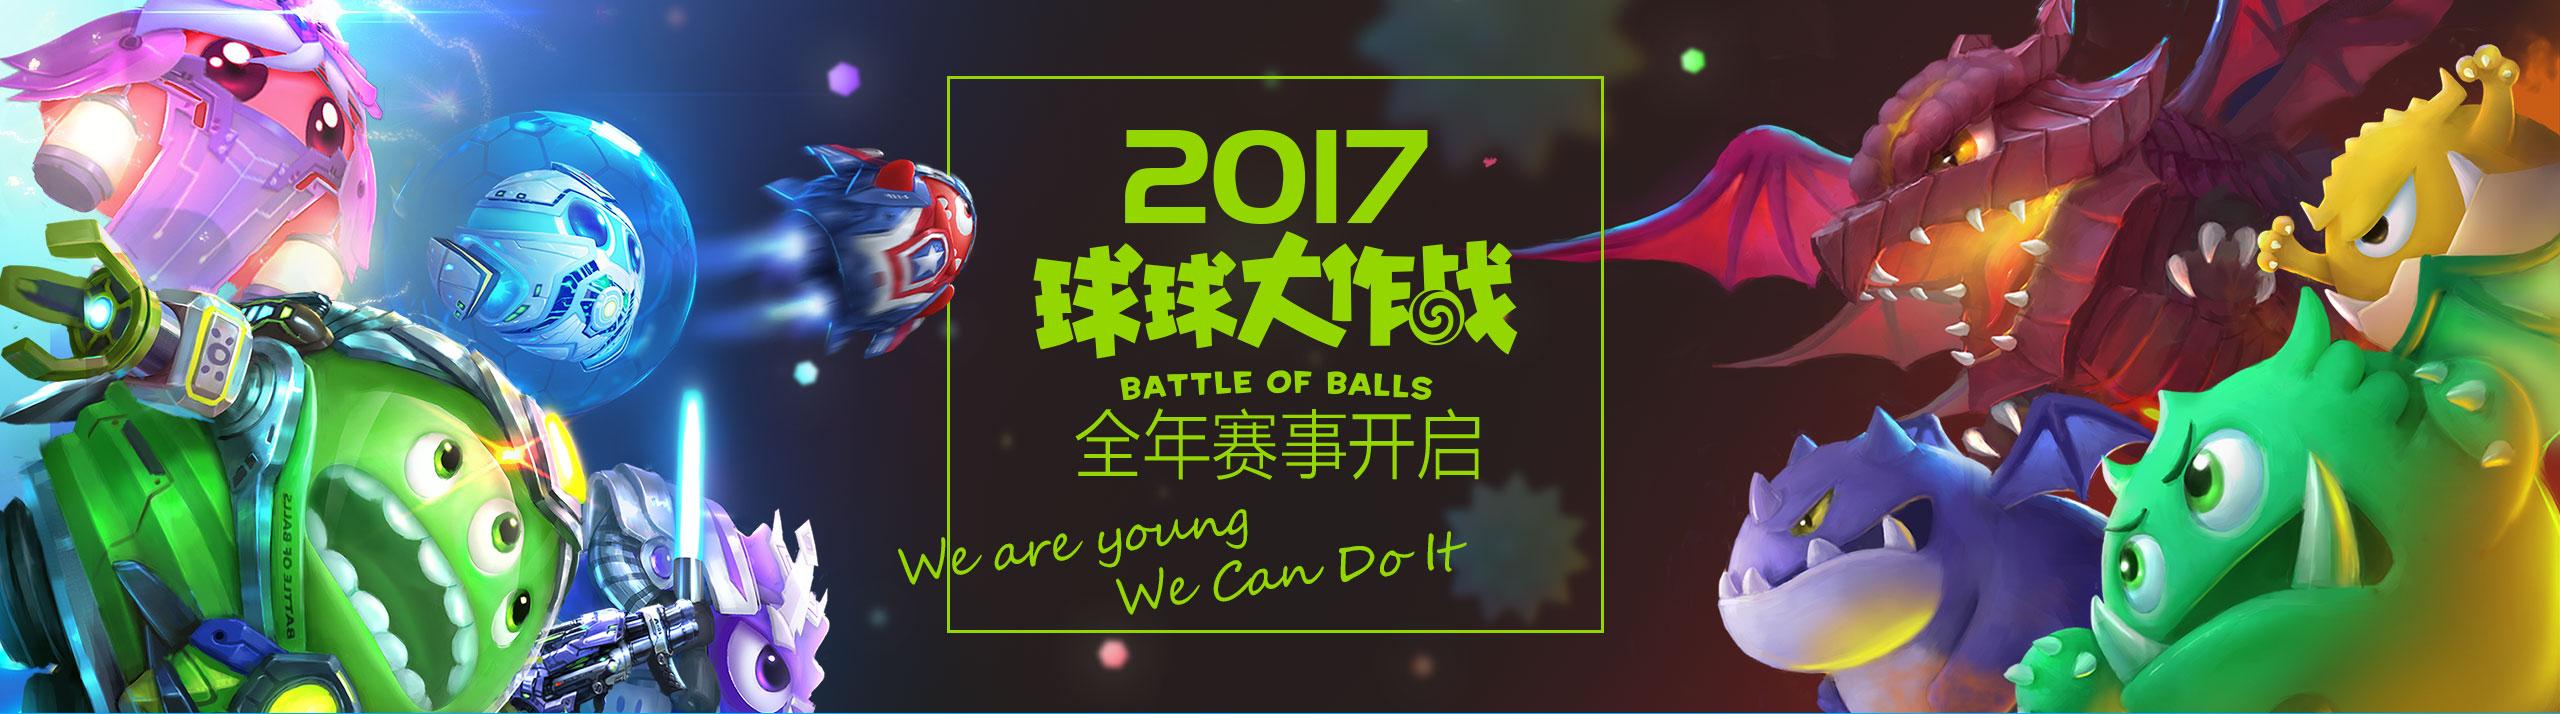 《球球大作战》2017 全年赛事开启